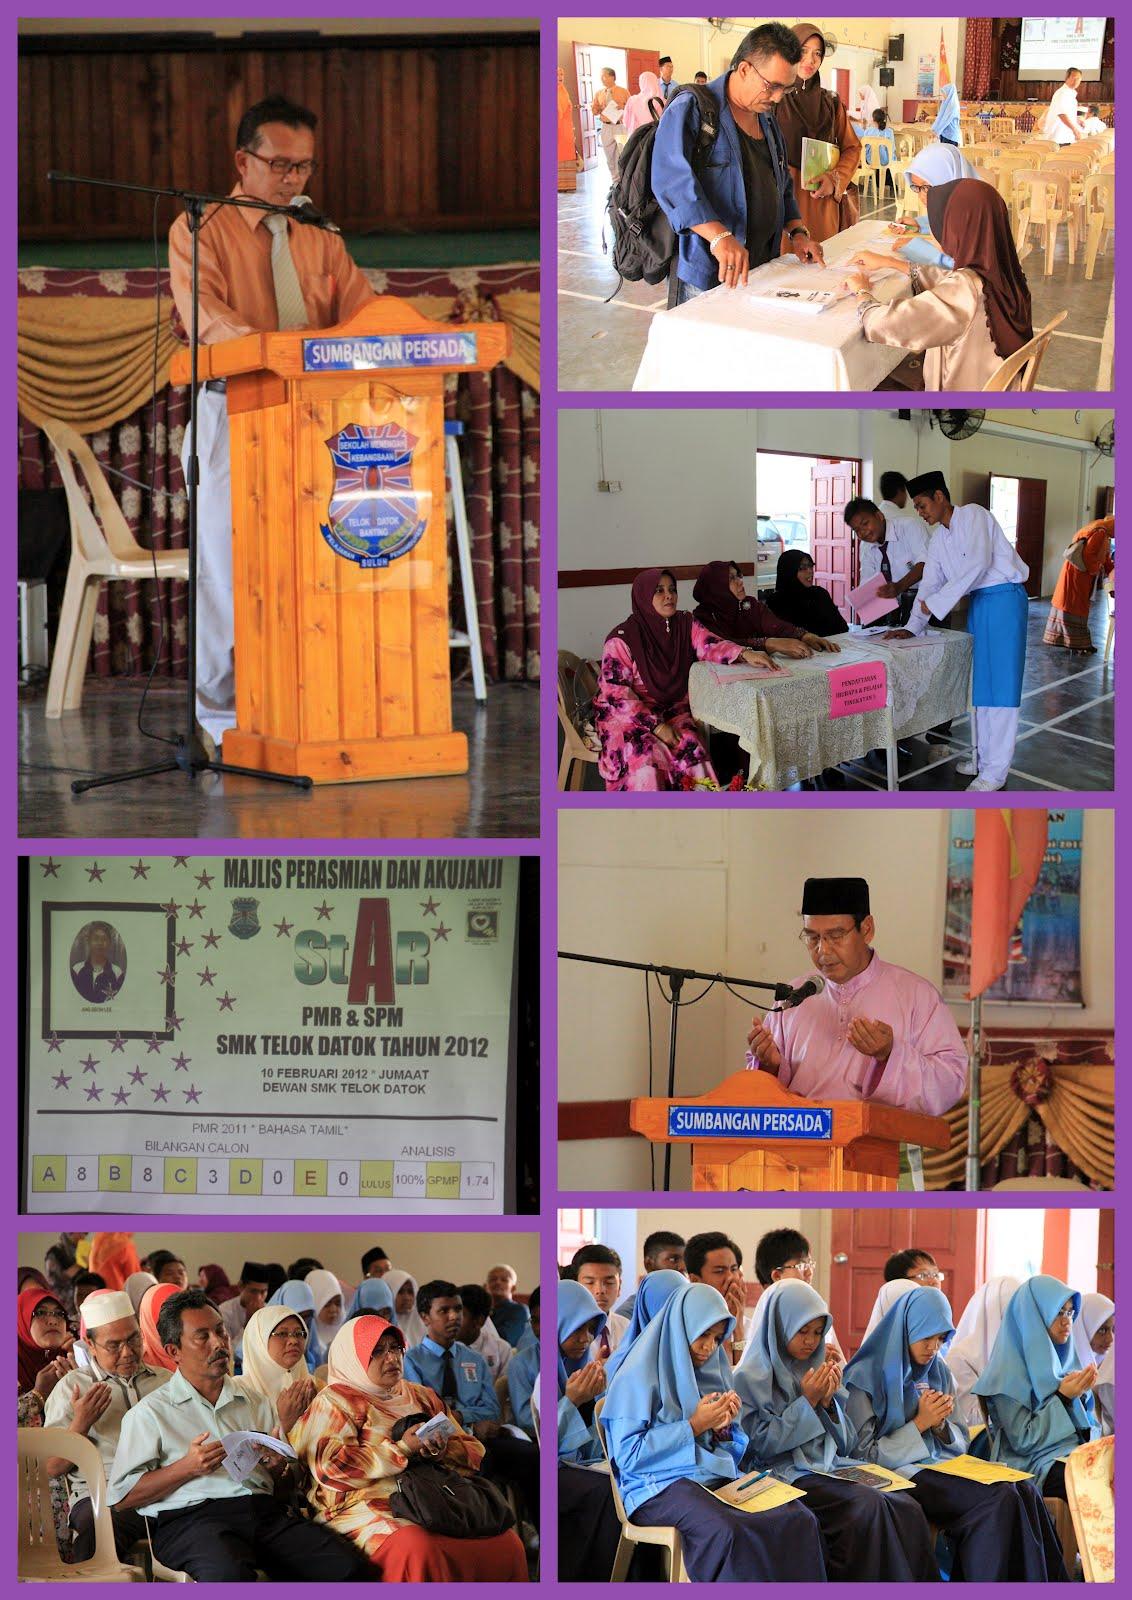 bahasa tamil spm Bantuan buku ulangkaji kepada pelajar miskin anjuran persatuan bahasa tamil smk sungai choh,rawang terima kasih diucapkan kepada badan amal india syarikat sca drypers 06/05/2014.